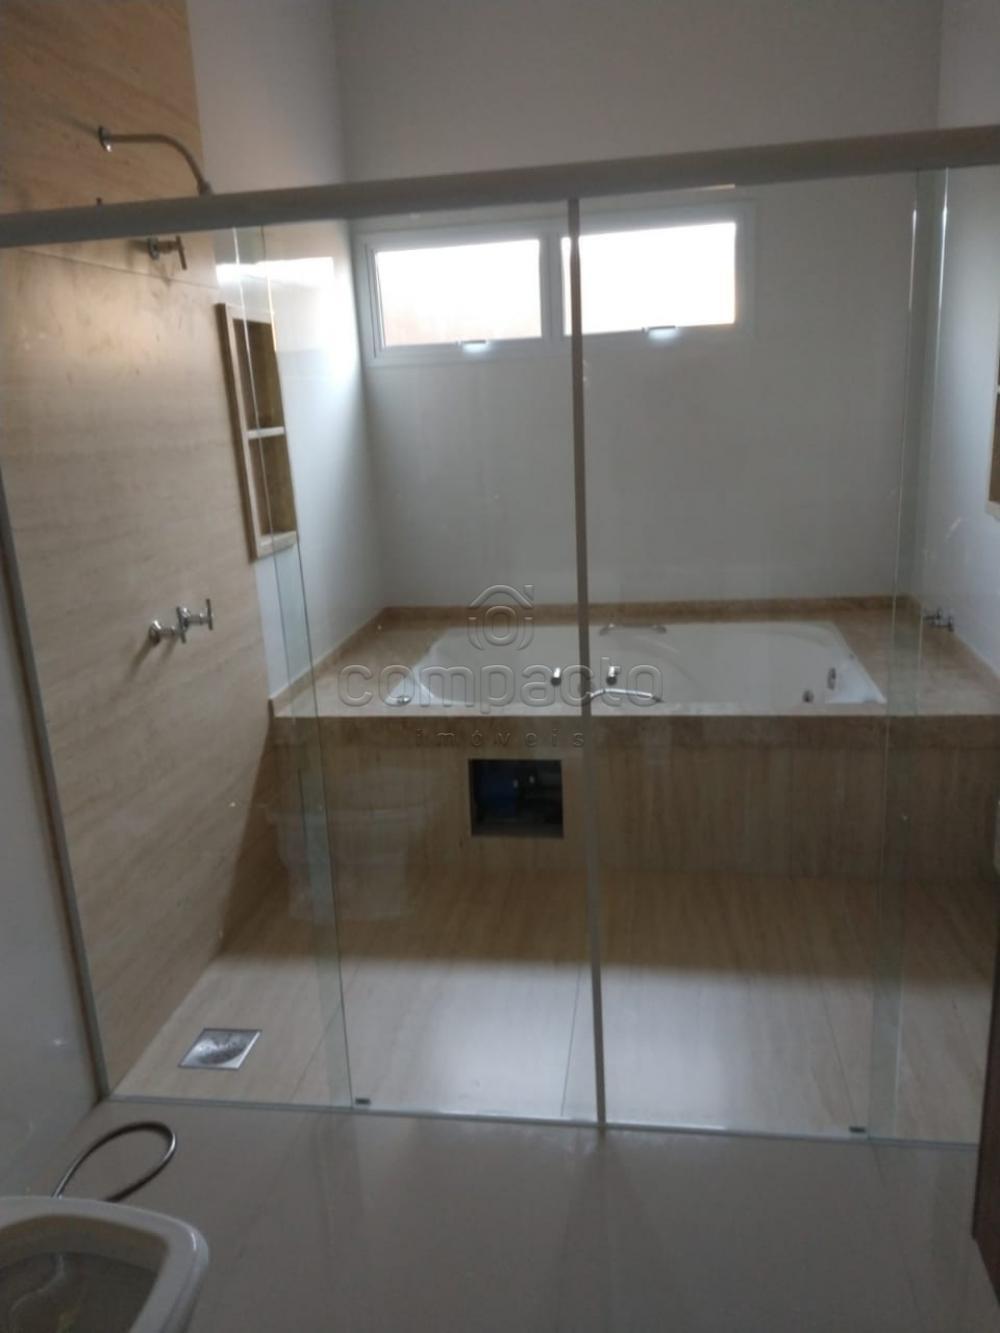 Comprar Casa / Condomínio em Mirassol apenas R$ 800.000,00 - Foto 14